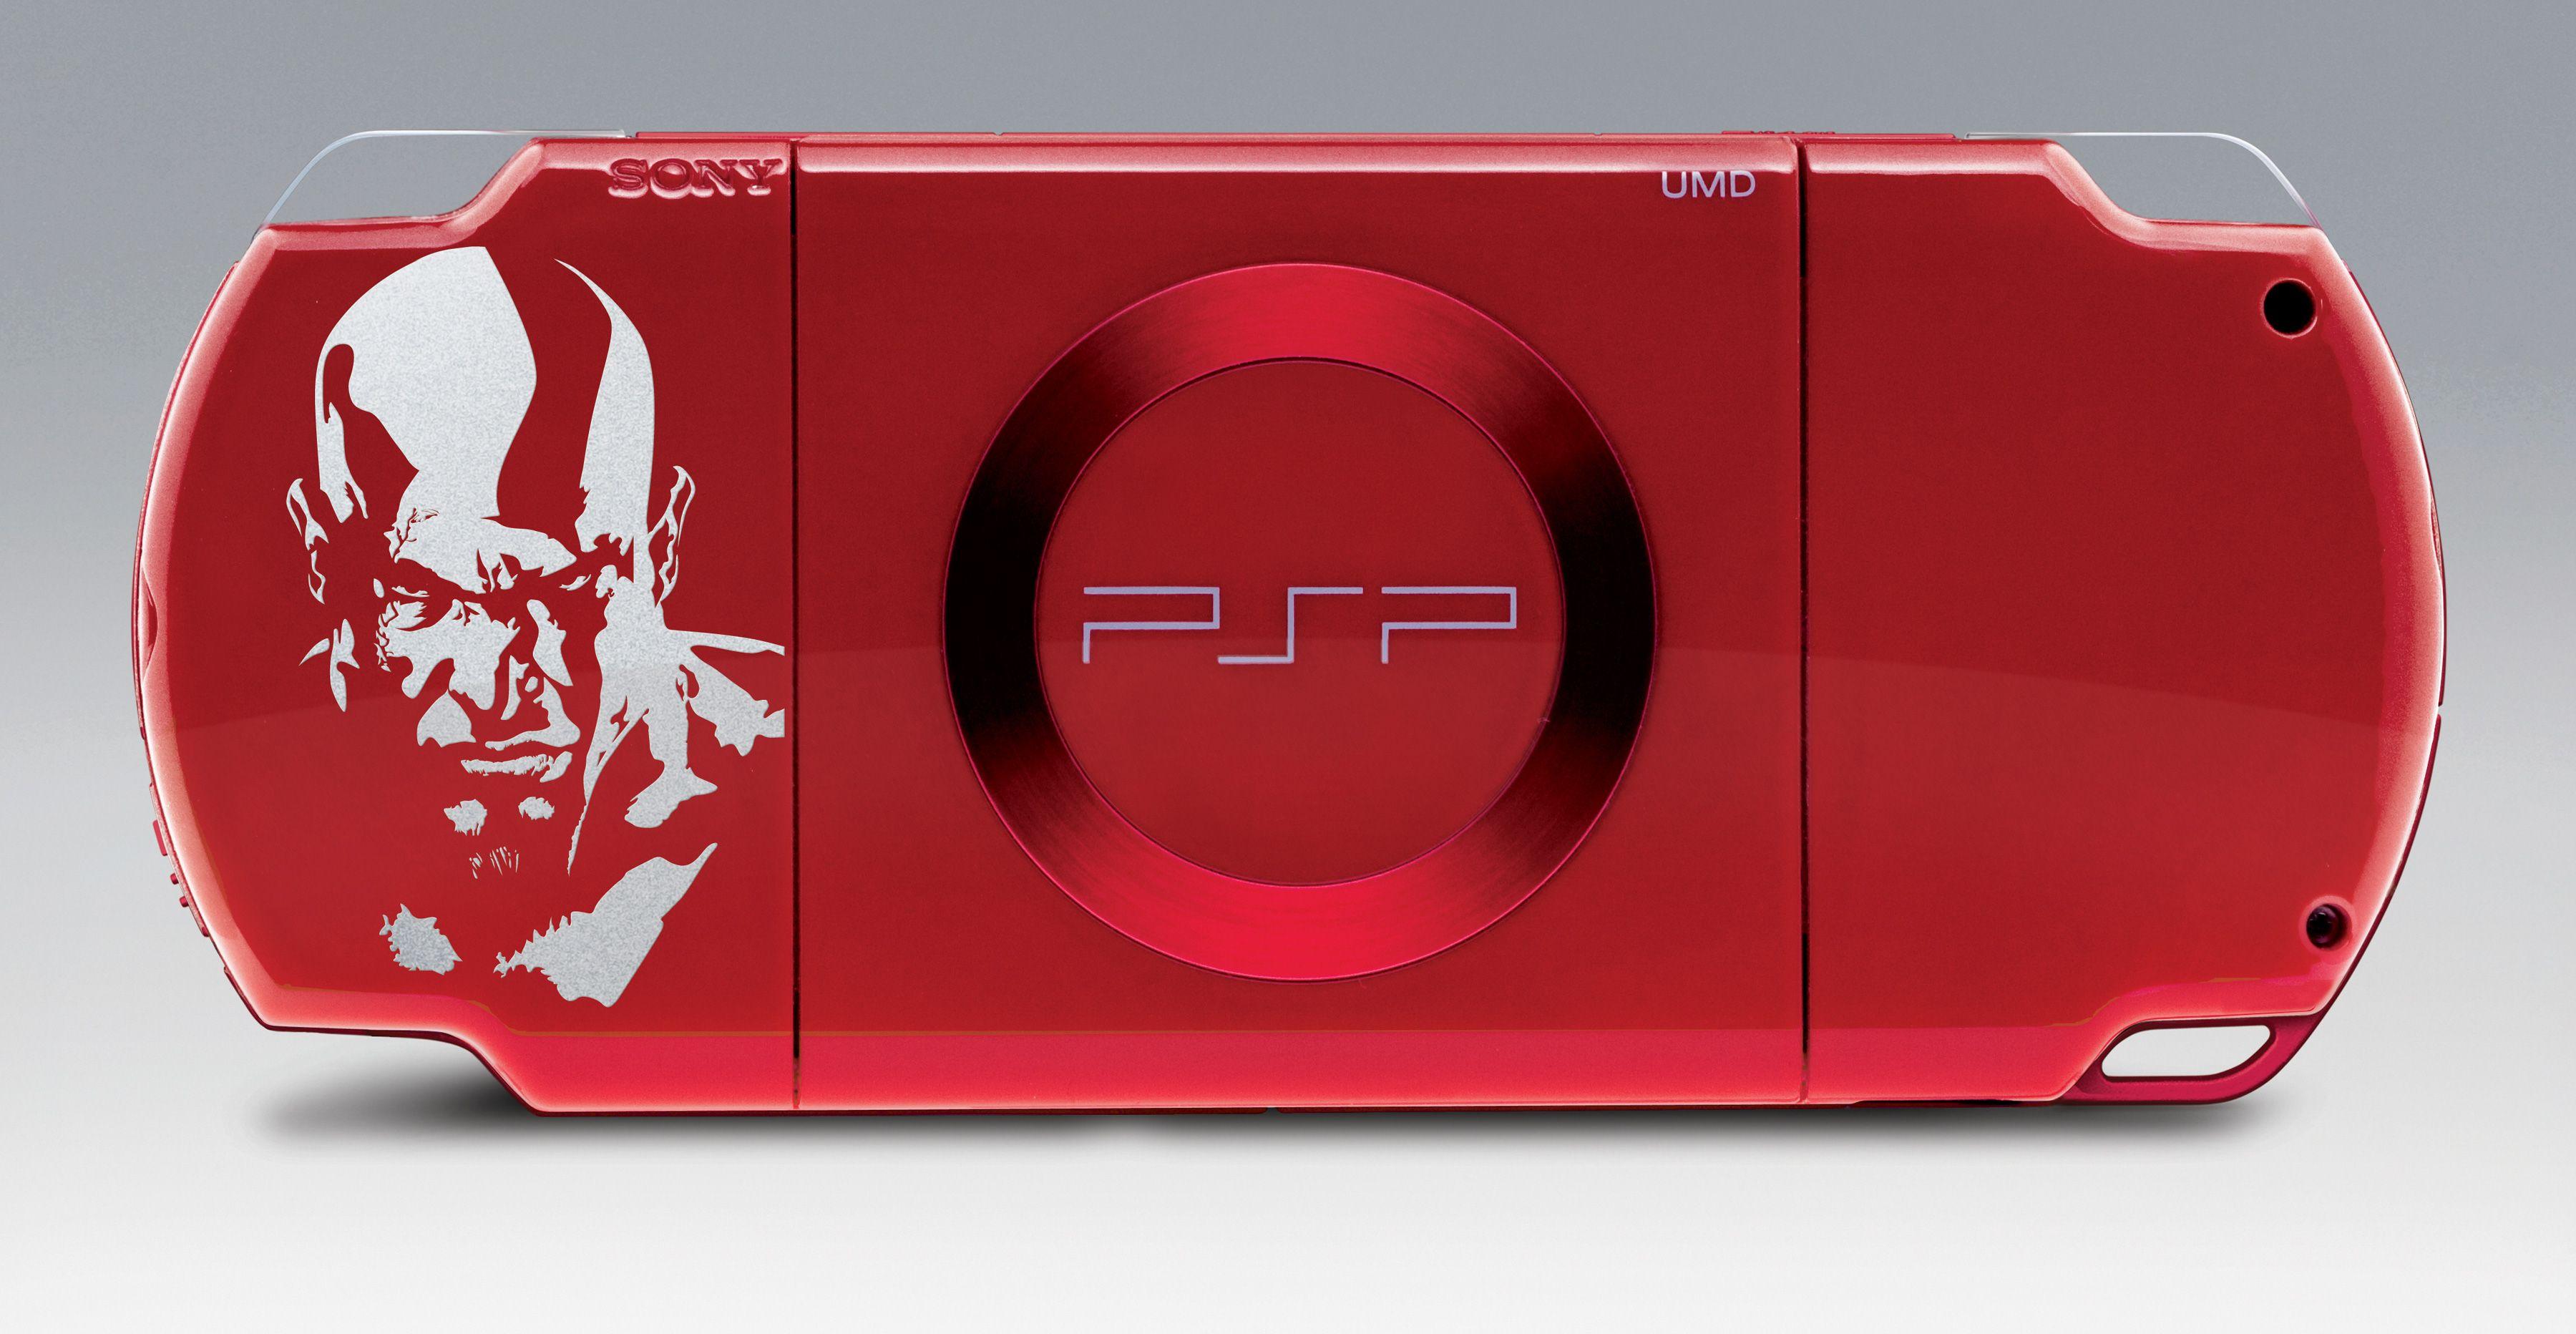 GoW-PSP-Backlarge.jpg 3,600×1,864픽셀